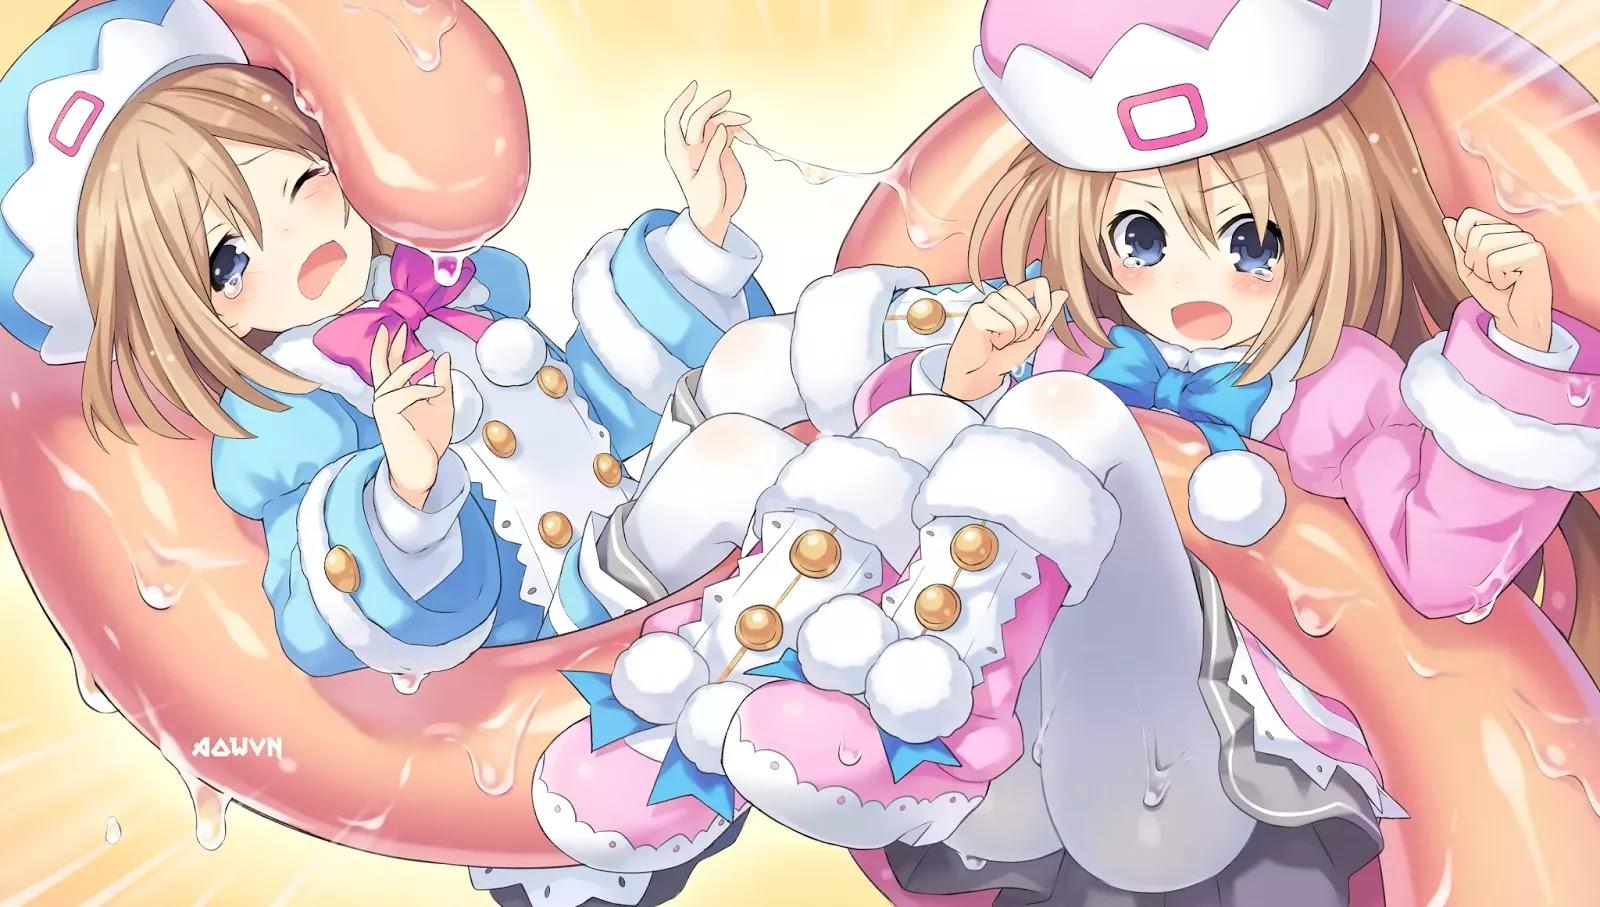 AowVN.org min%2B%252872%2529 - [ Hình Nền ] Game Hyperdimension Neptunia cực đẹp | Anime Wallpapers